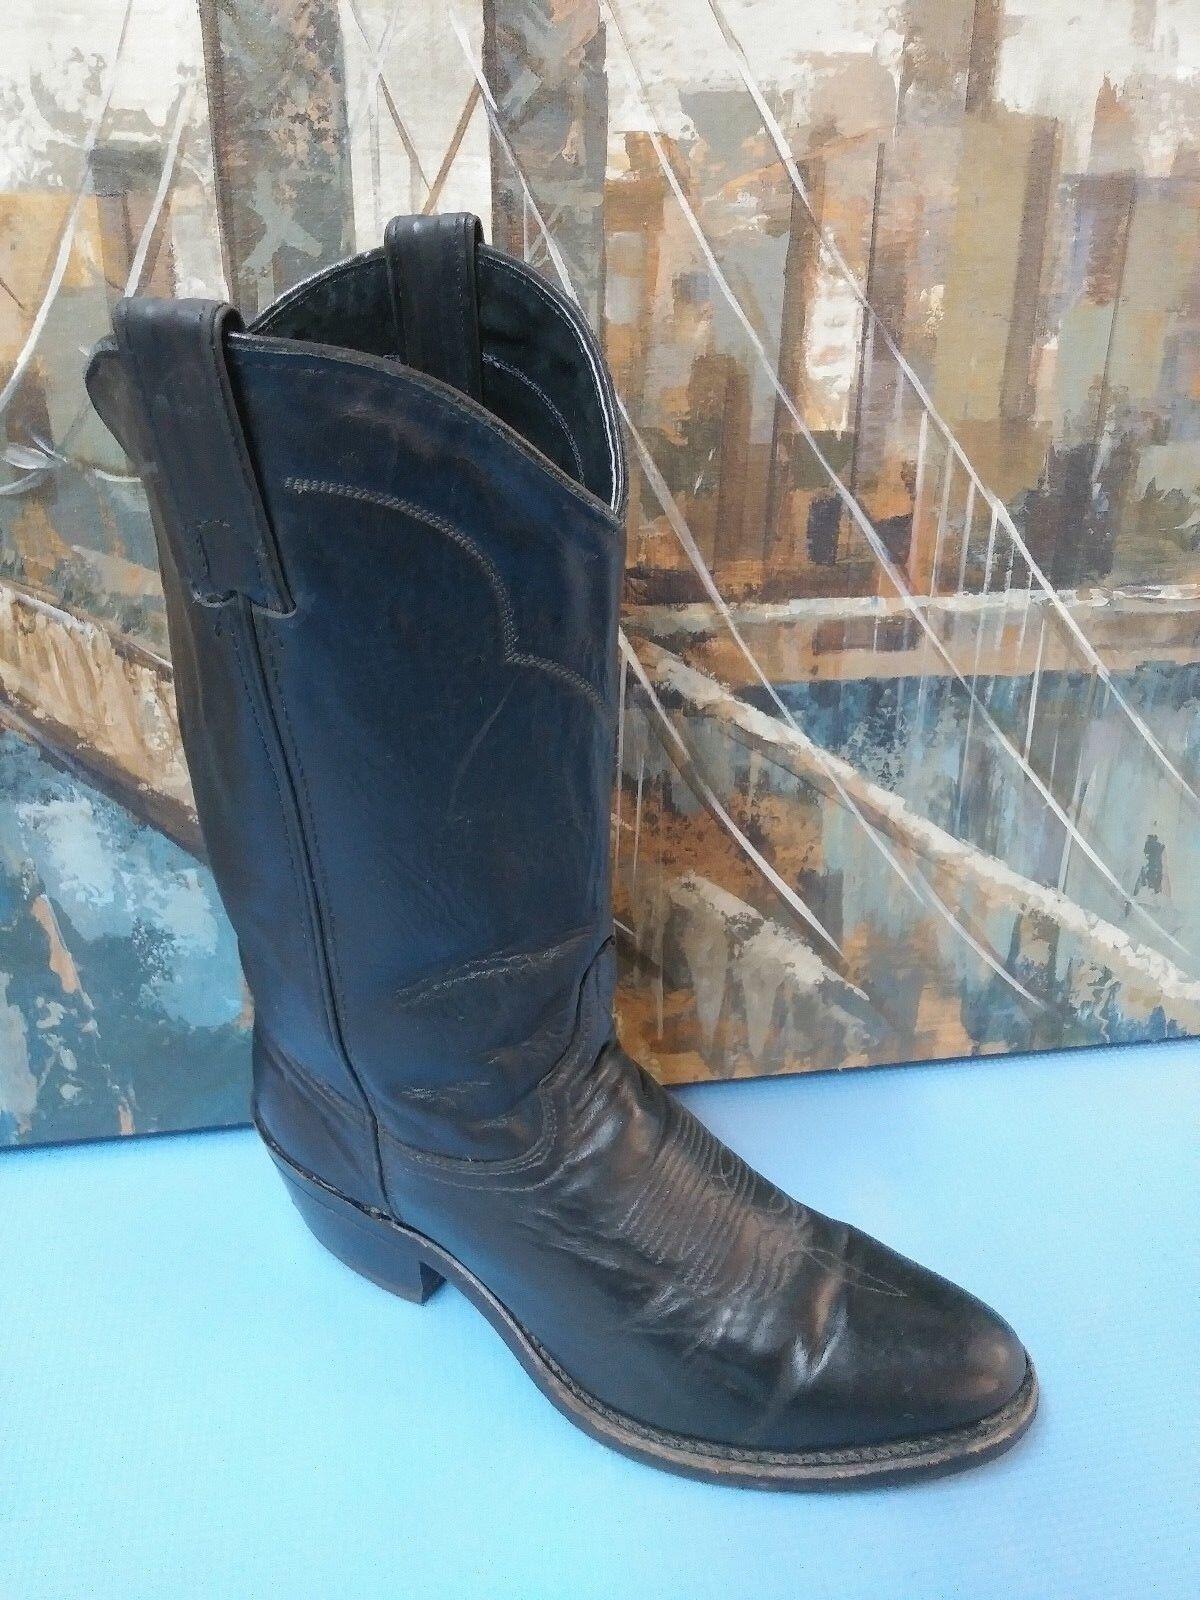 Abilene Cowhide Mens Boot - Medium Toe - 6401 Black Size 7.5 D